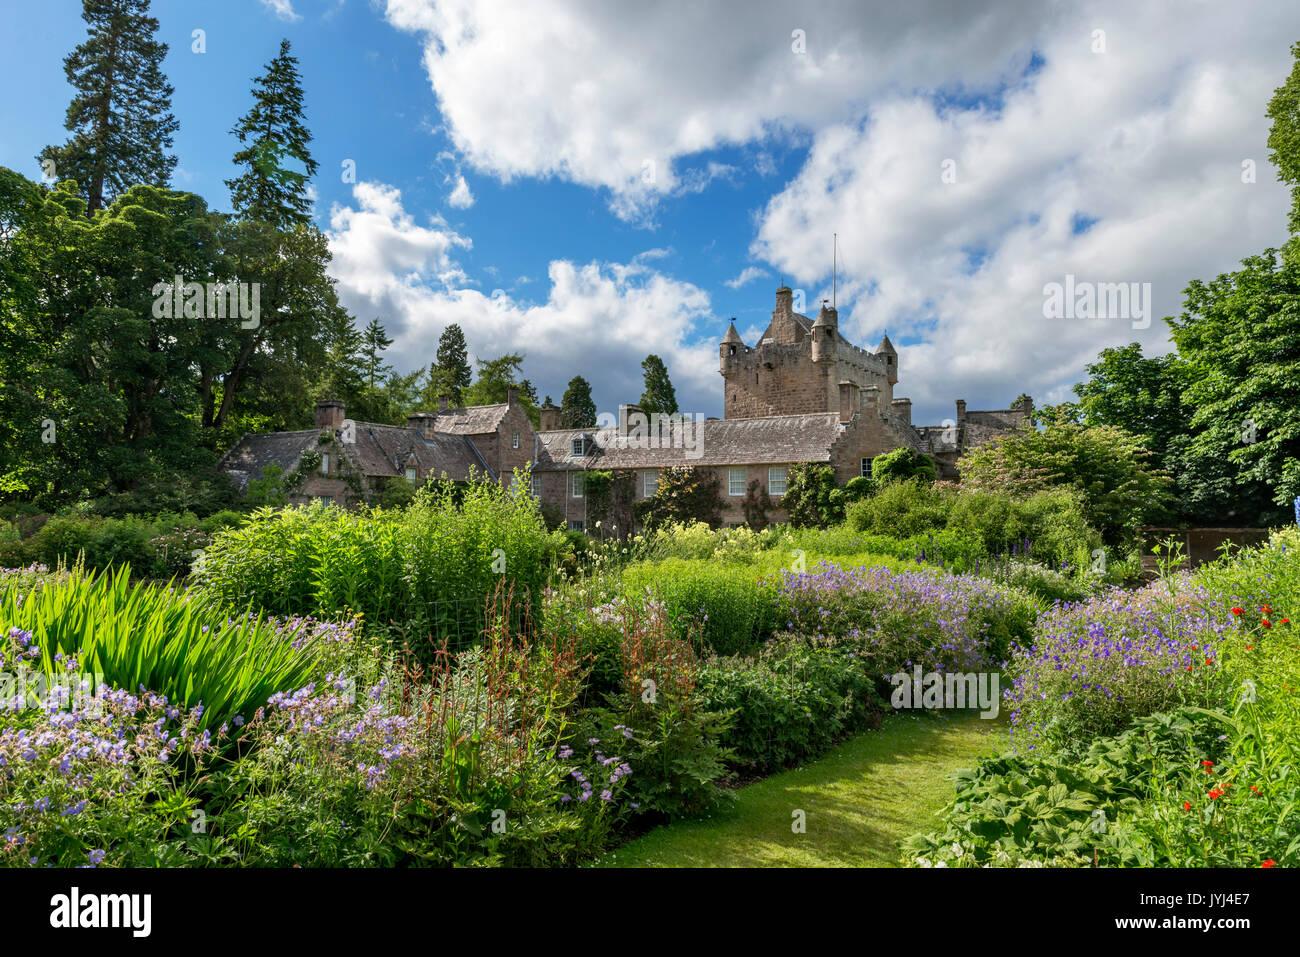 Cawdor Castle, desde el jardín de flores, Cawdor, Nairn, Highland, Scotland, Reino Unido Foto de stock